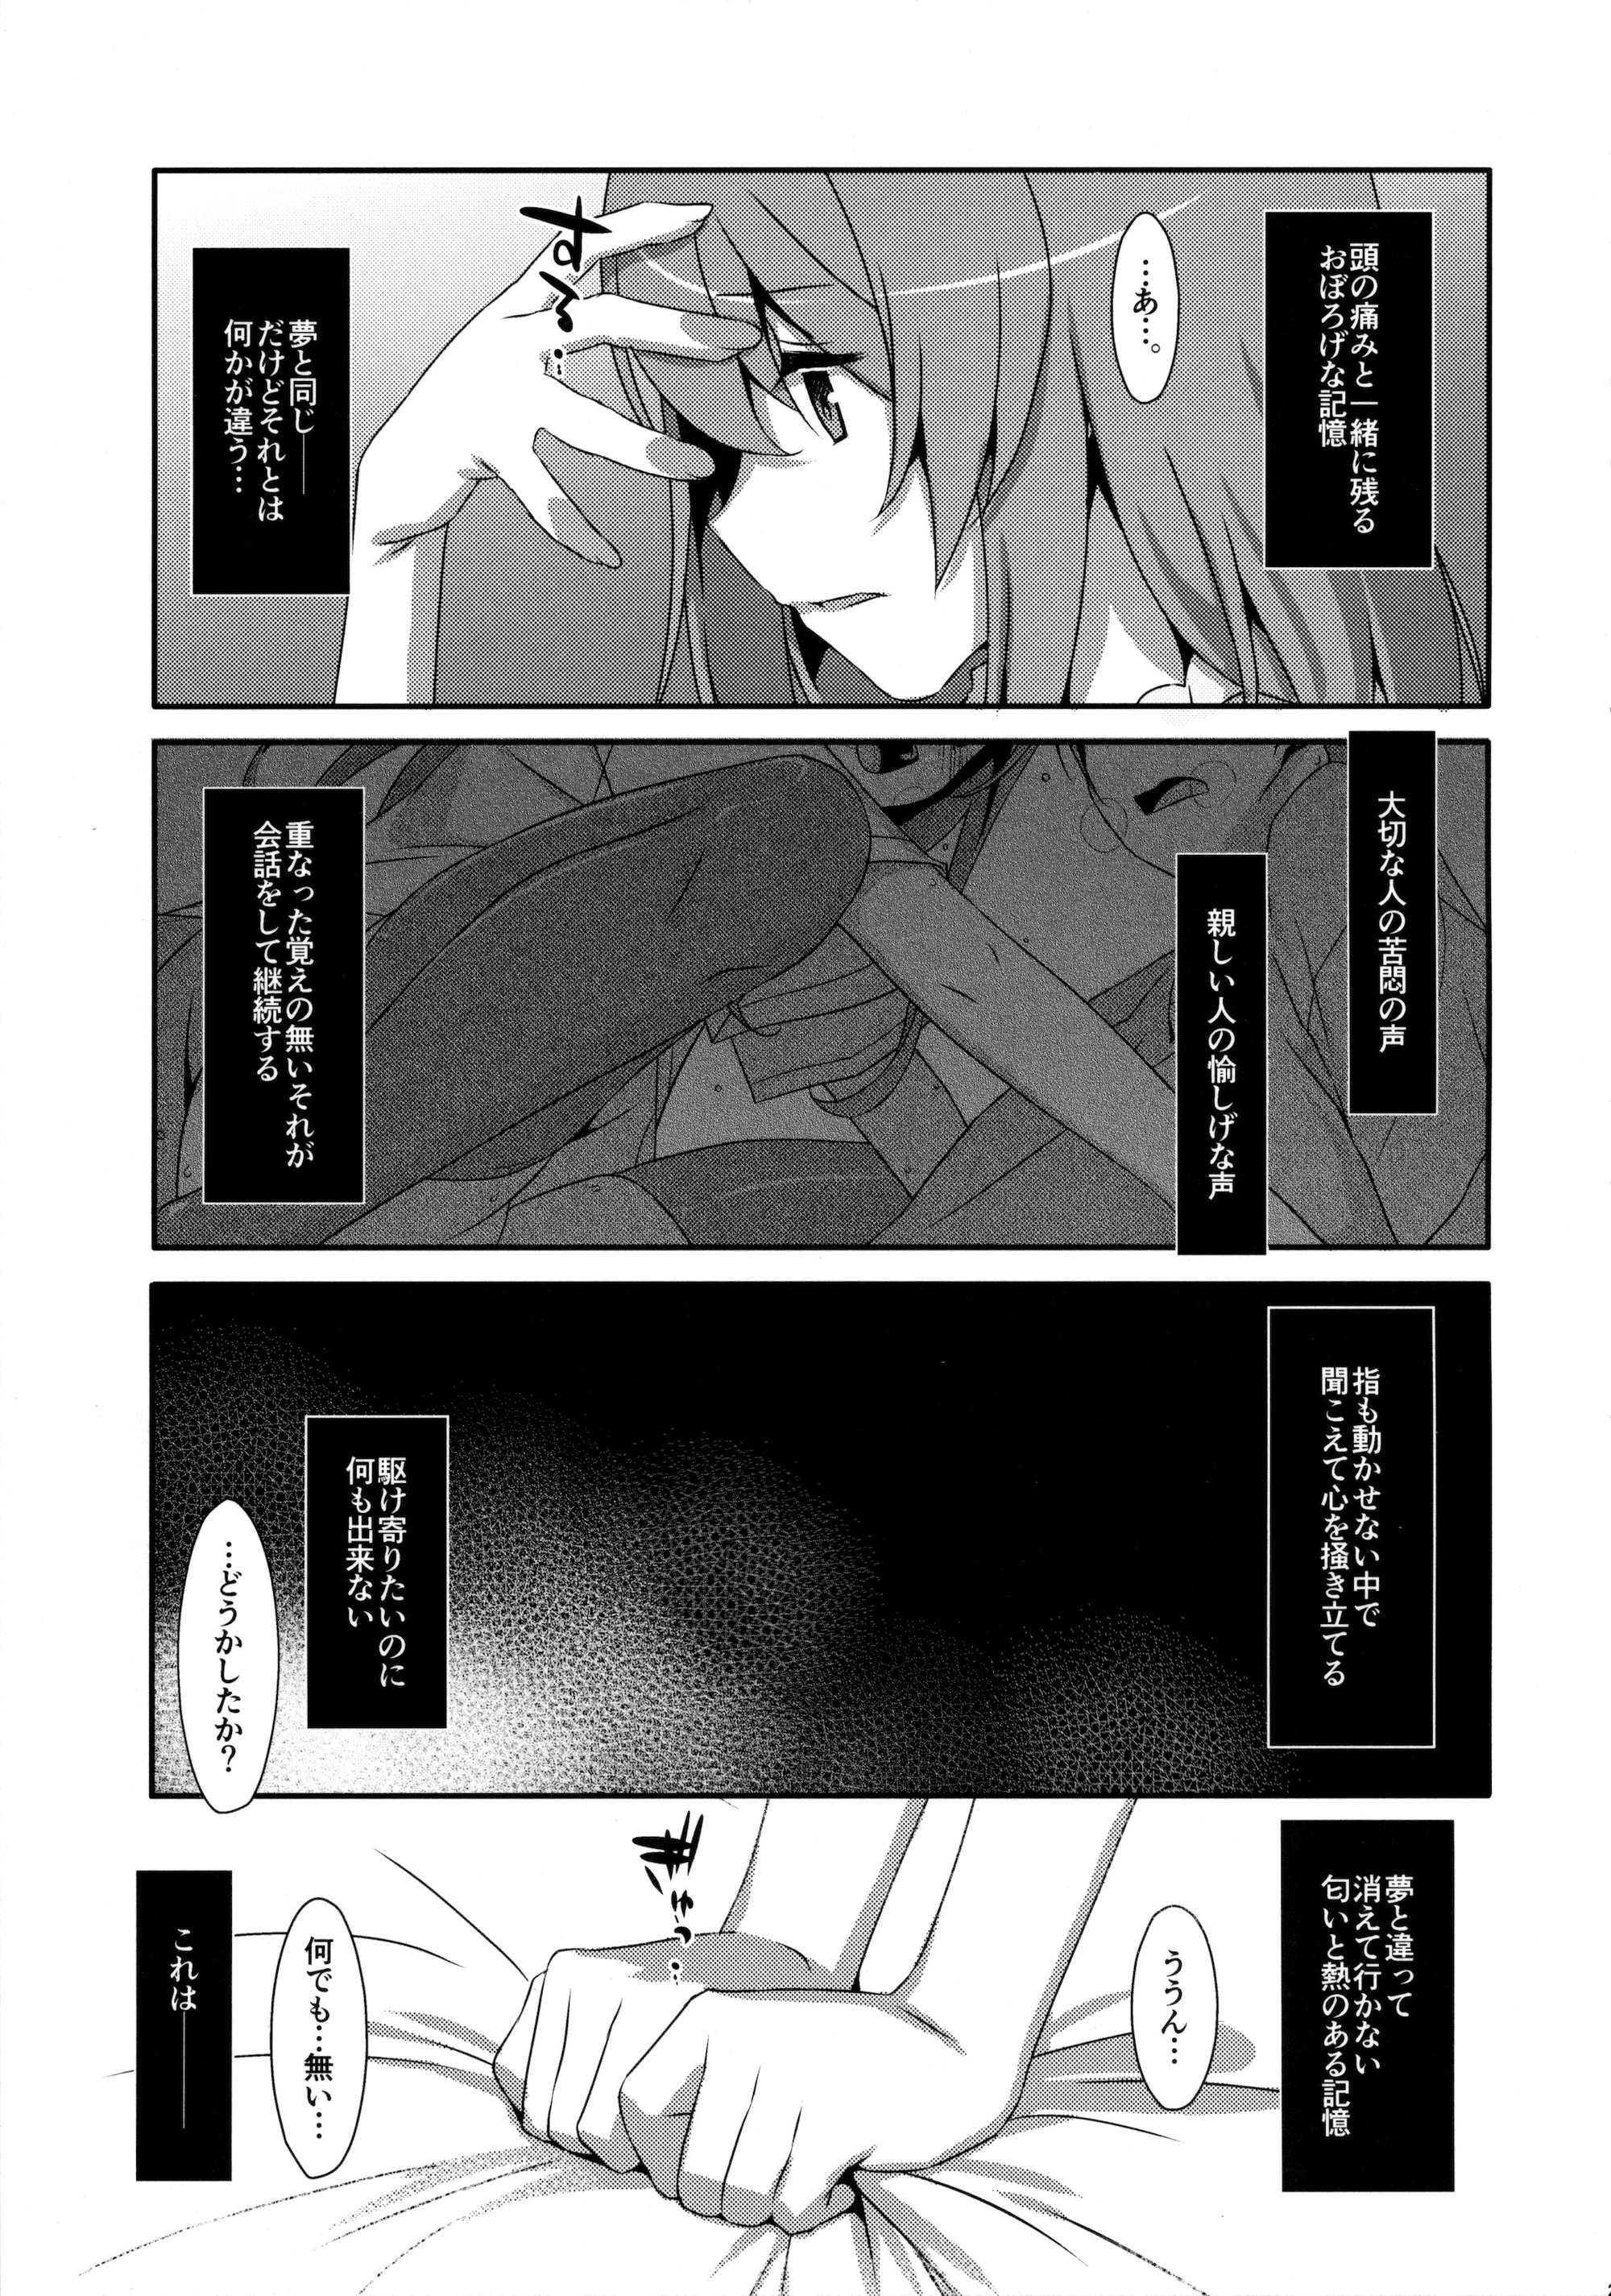 【エロ漫画・エロ同人誌】彼女が横で寝てるのにヤンデレ妹がお兄ちゃんのちんこフェラチオしてるwww (28)